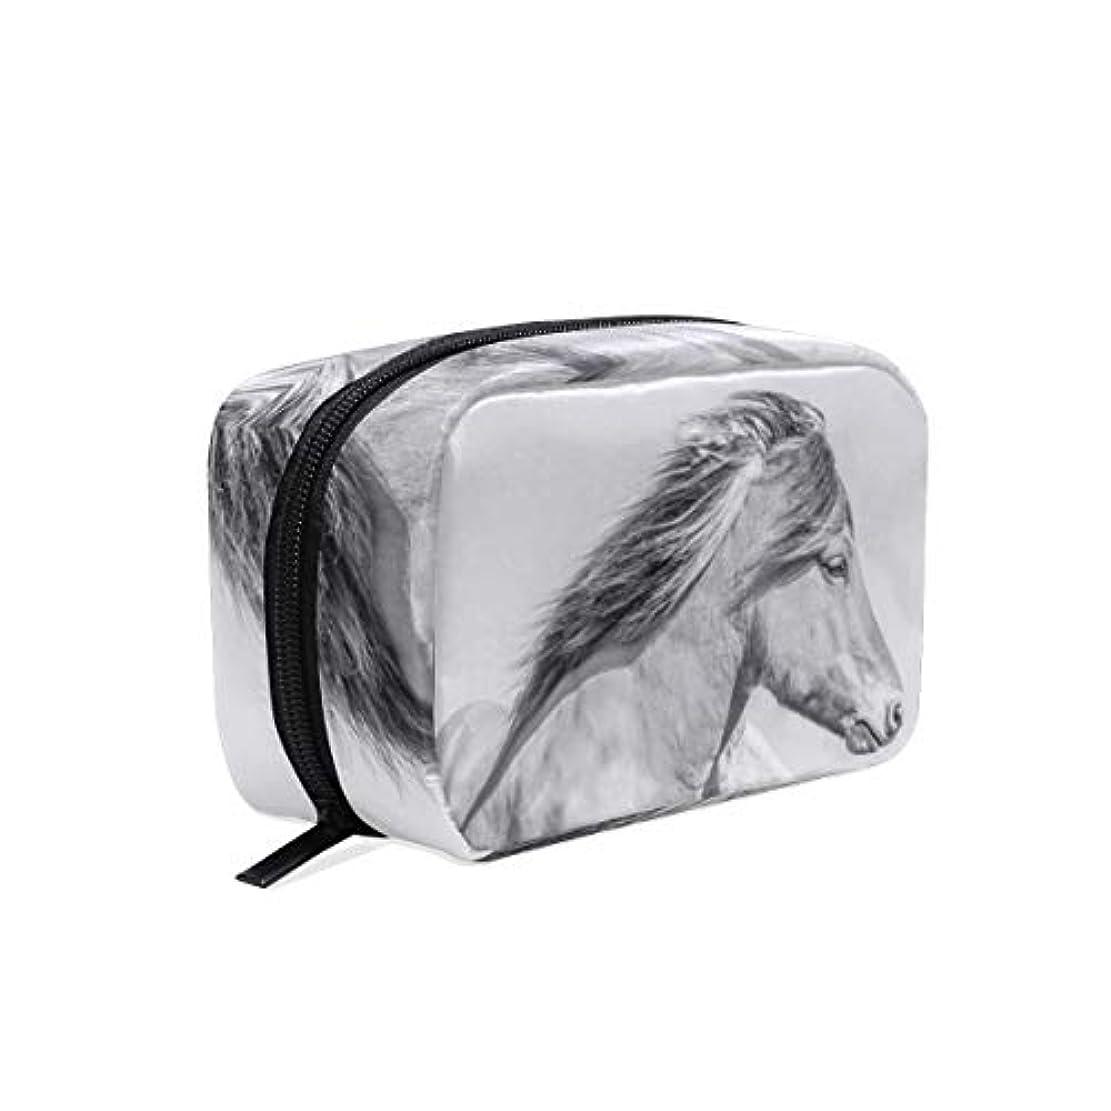 億具体的に細部化粧品 収納バッグ コスメポーチ 風の中 馬柄メイクボックス メイクポーチ 多機能 大容量 軽量 化粧ポーチ 小物入れ レディース用 おしゃれ 大容量 旅行出張用 持ち運び便利